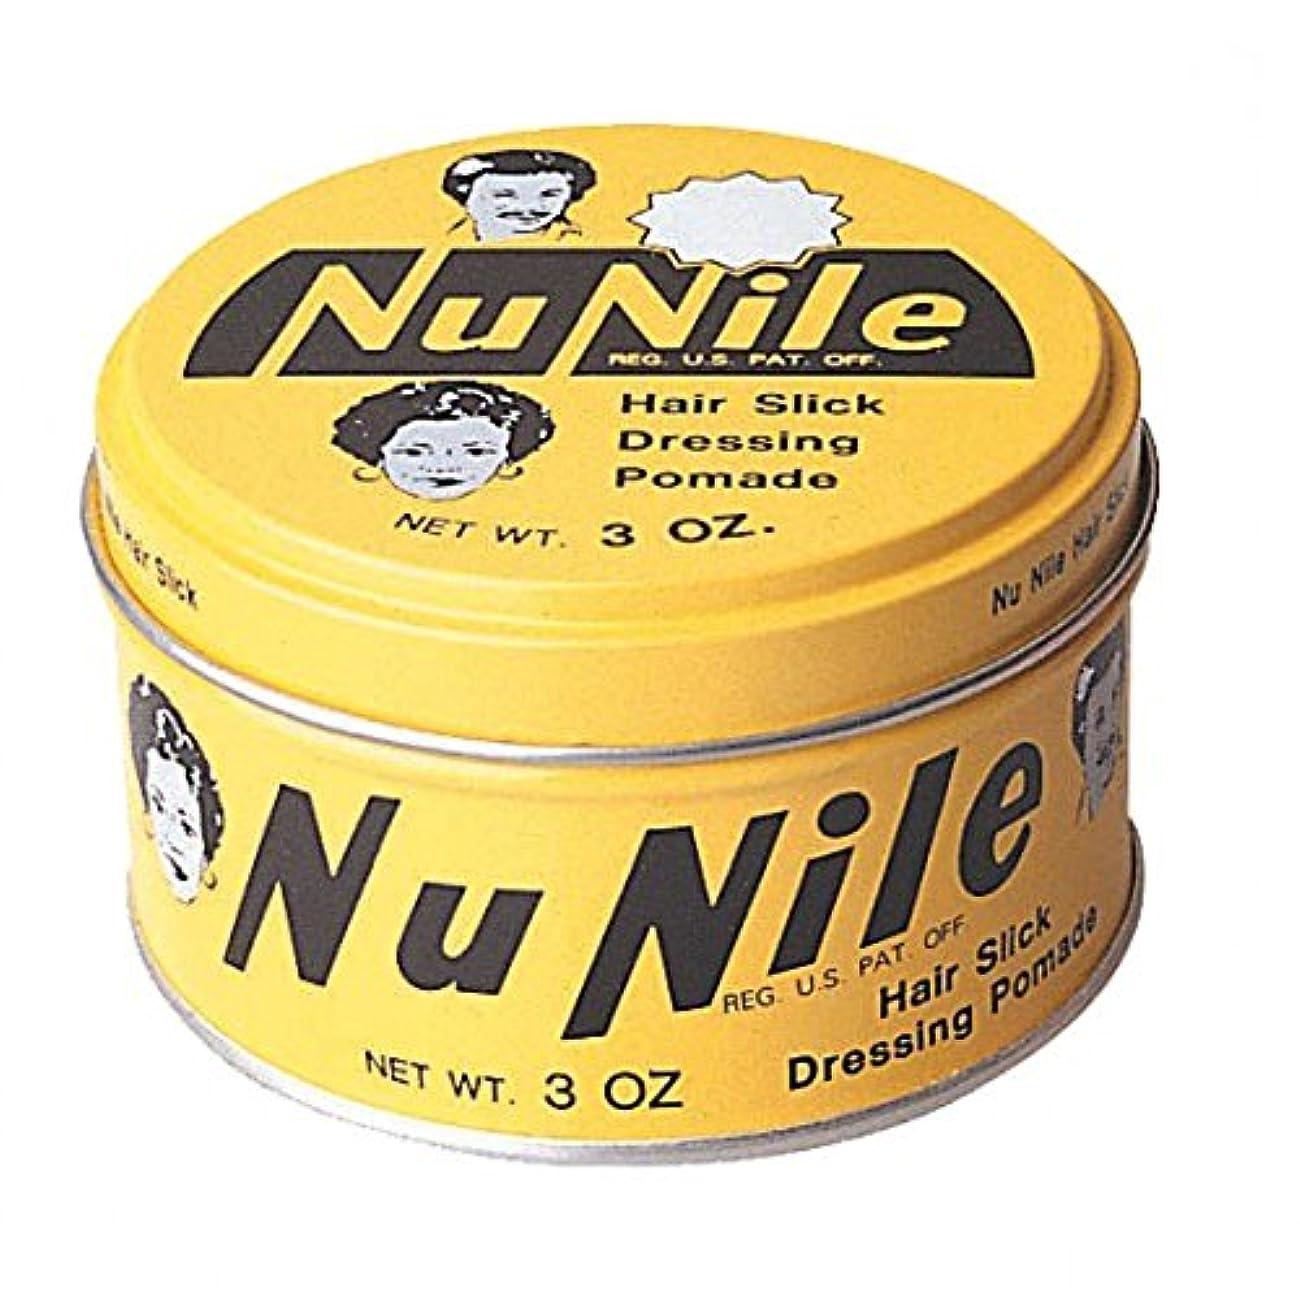 立派なアプライアンス無視できるMURRAY'S(ブランド) マーレーズ Nu-Nile/ポマード/香水?コスメ 【公式/オフィシャル】